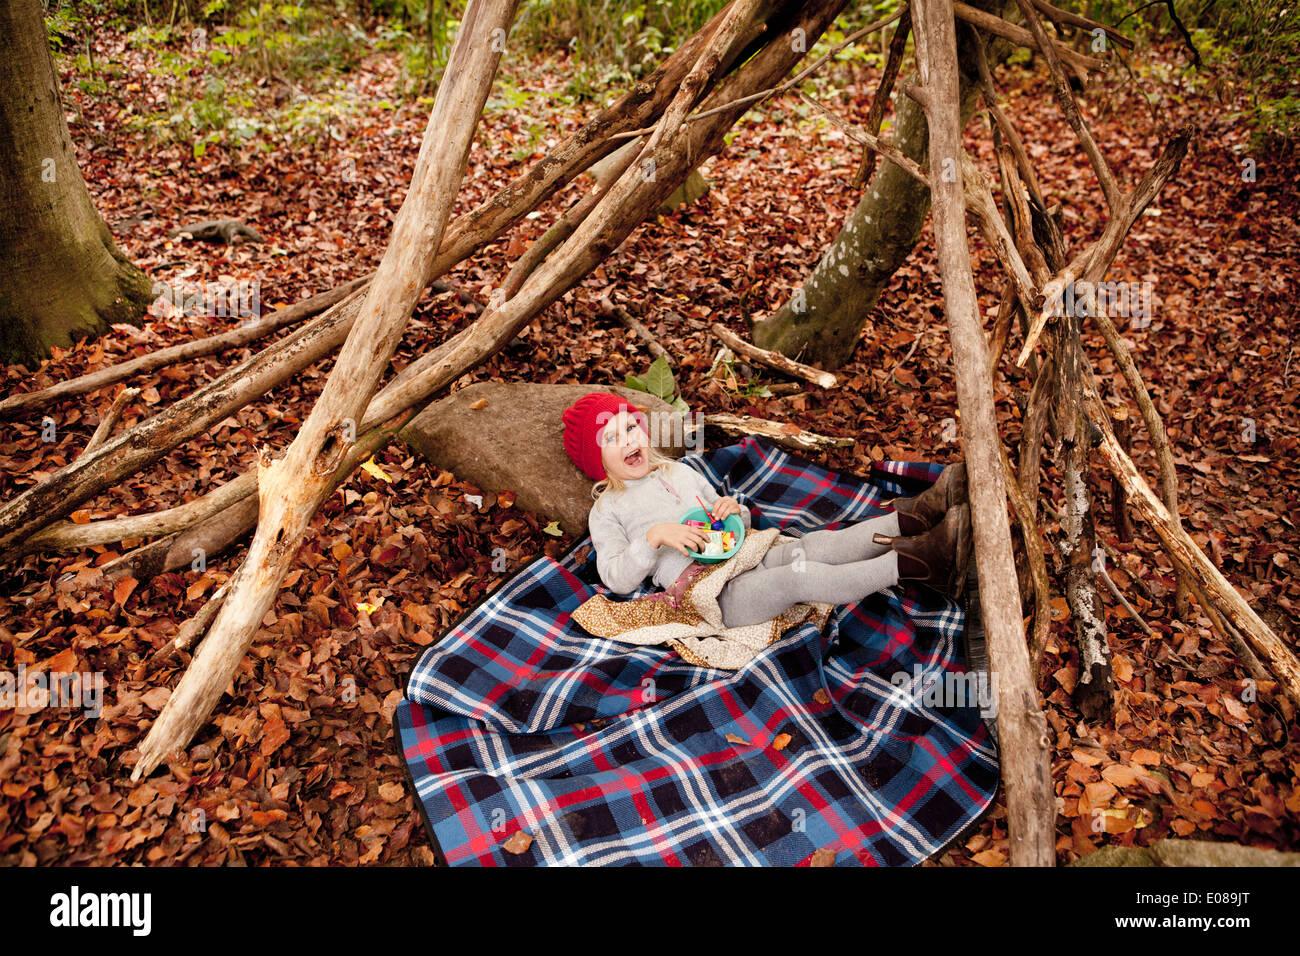 Longitud total retrato de niña acostada en manta para picnic en el bosque Imagen De Stock